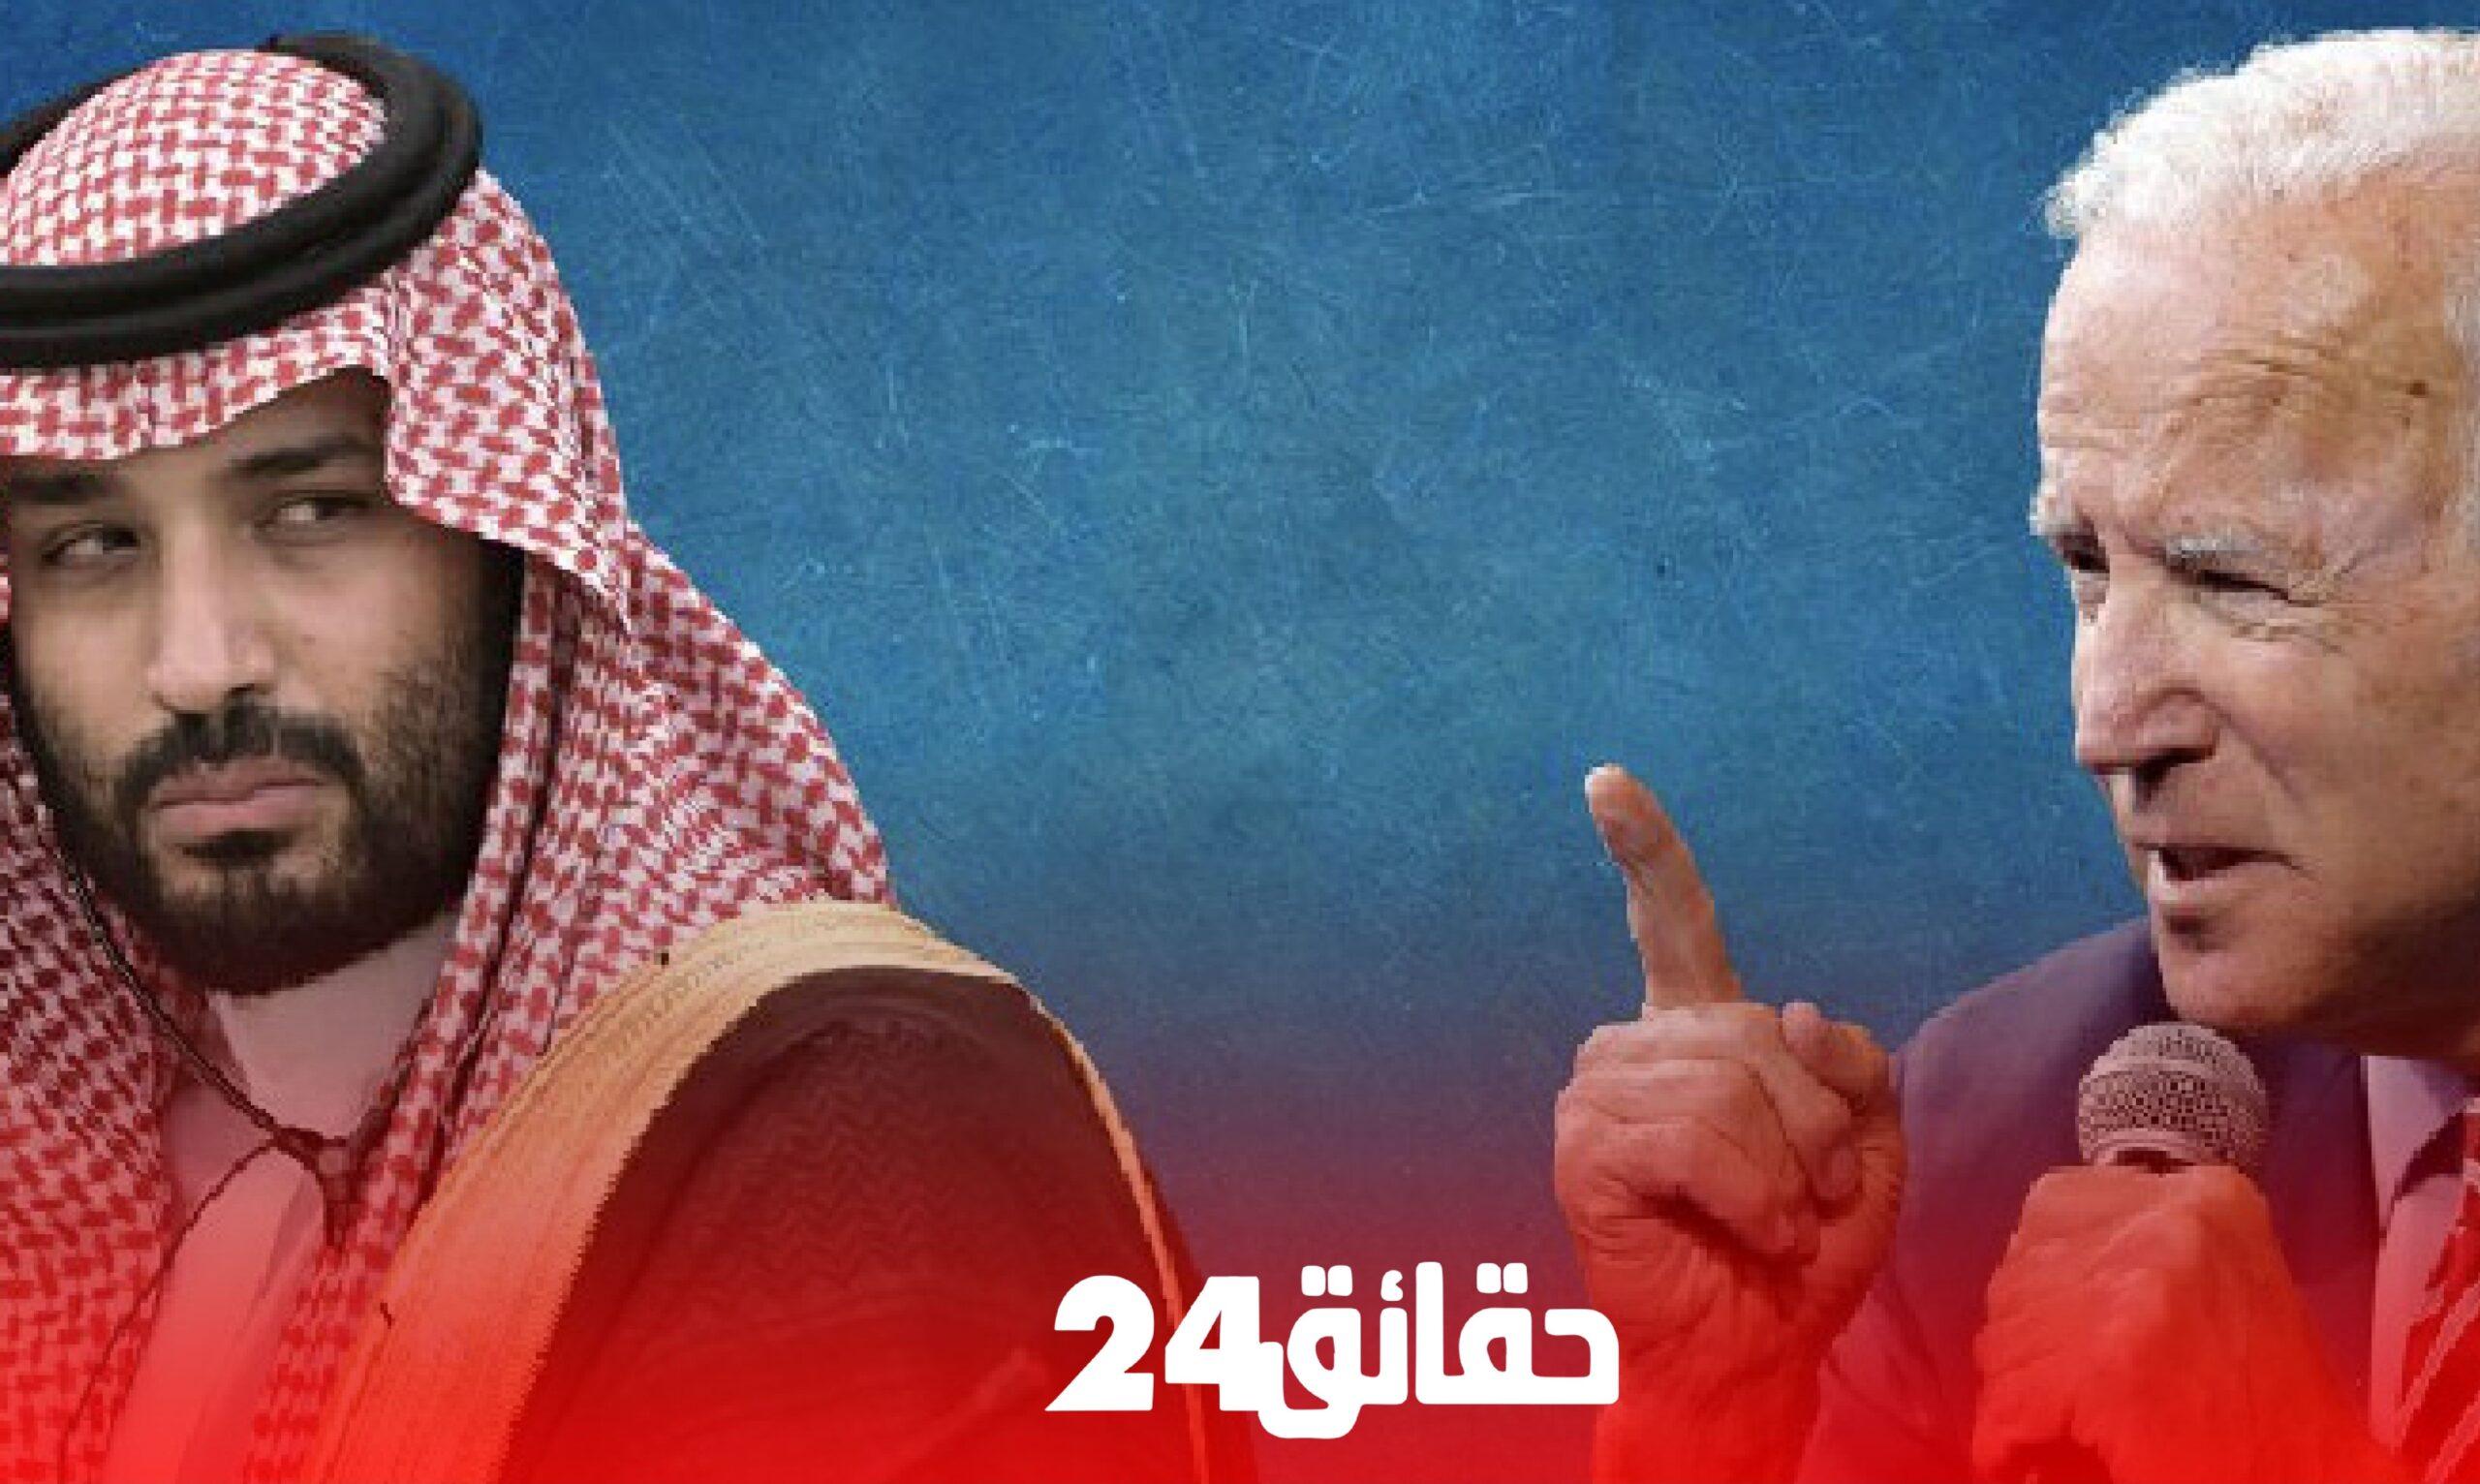 صورة بايدن للملك سلمان : القواعد تغيرت وسنحاسب المسؤولين السعوديين على انتهاكات حقوق الانسان